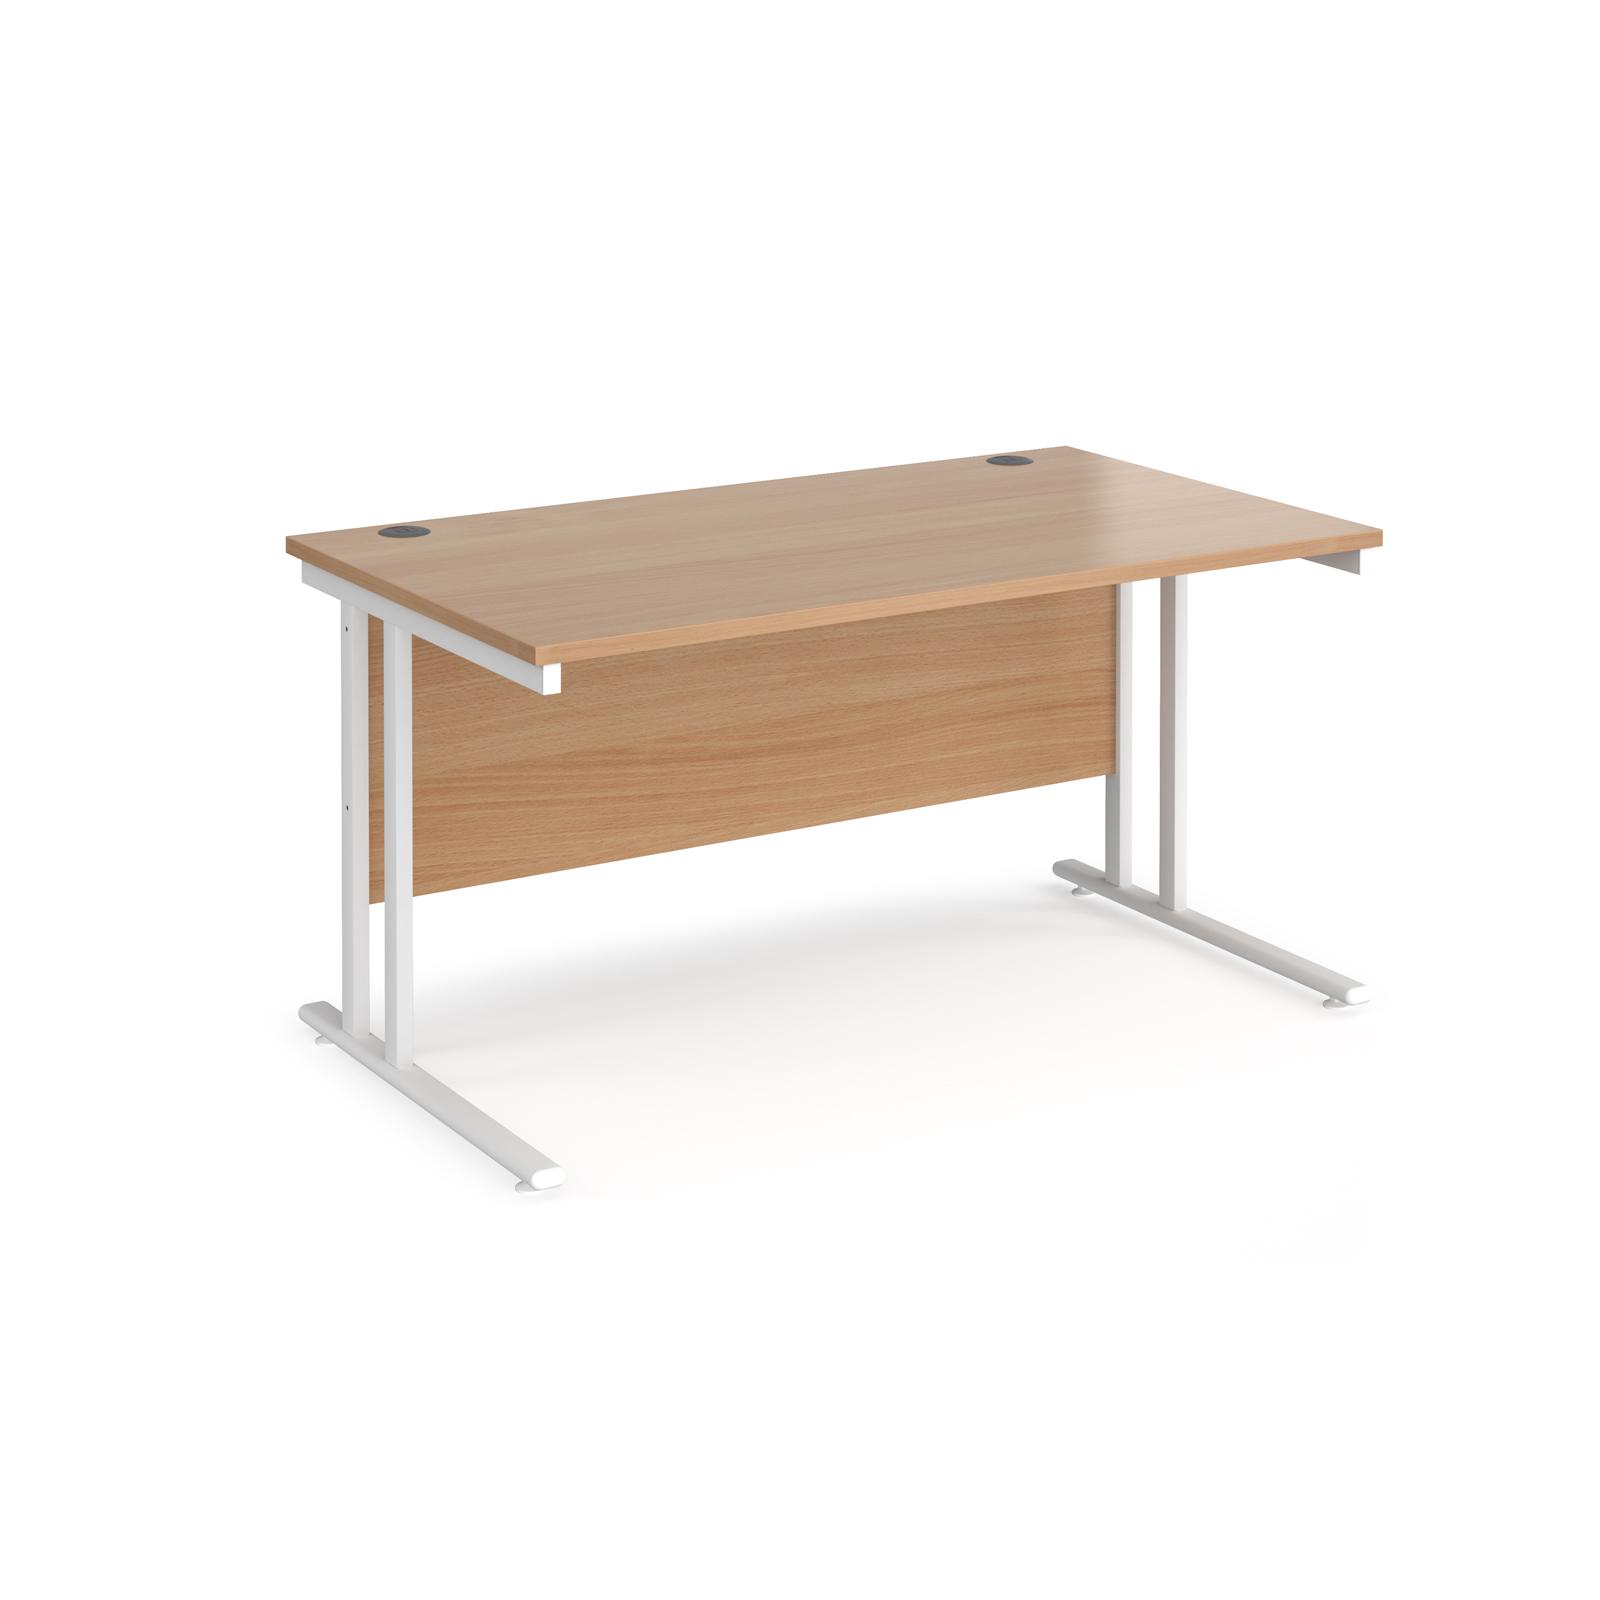 Rectangular Desks Maestro 25 straight desk 1400mm x 800mm - white cantilever leg frame, beech top